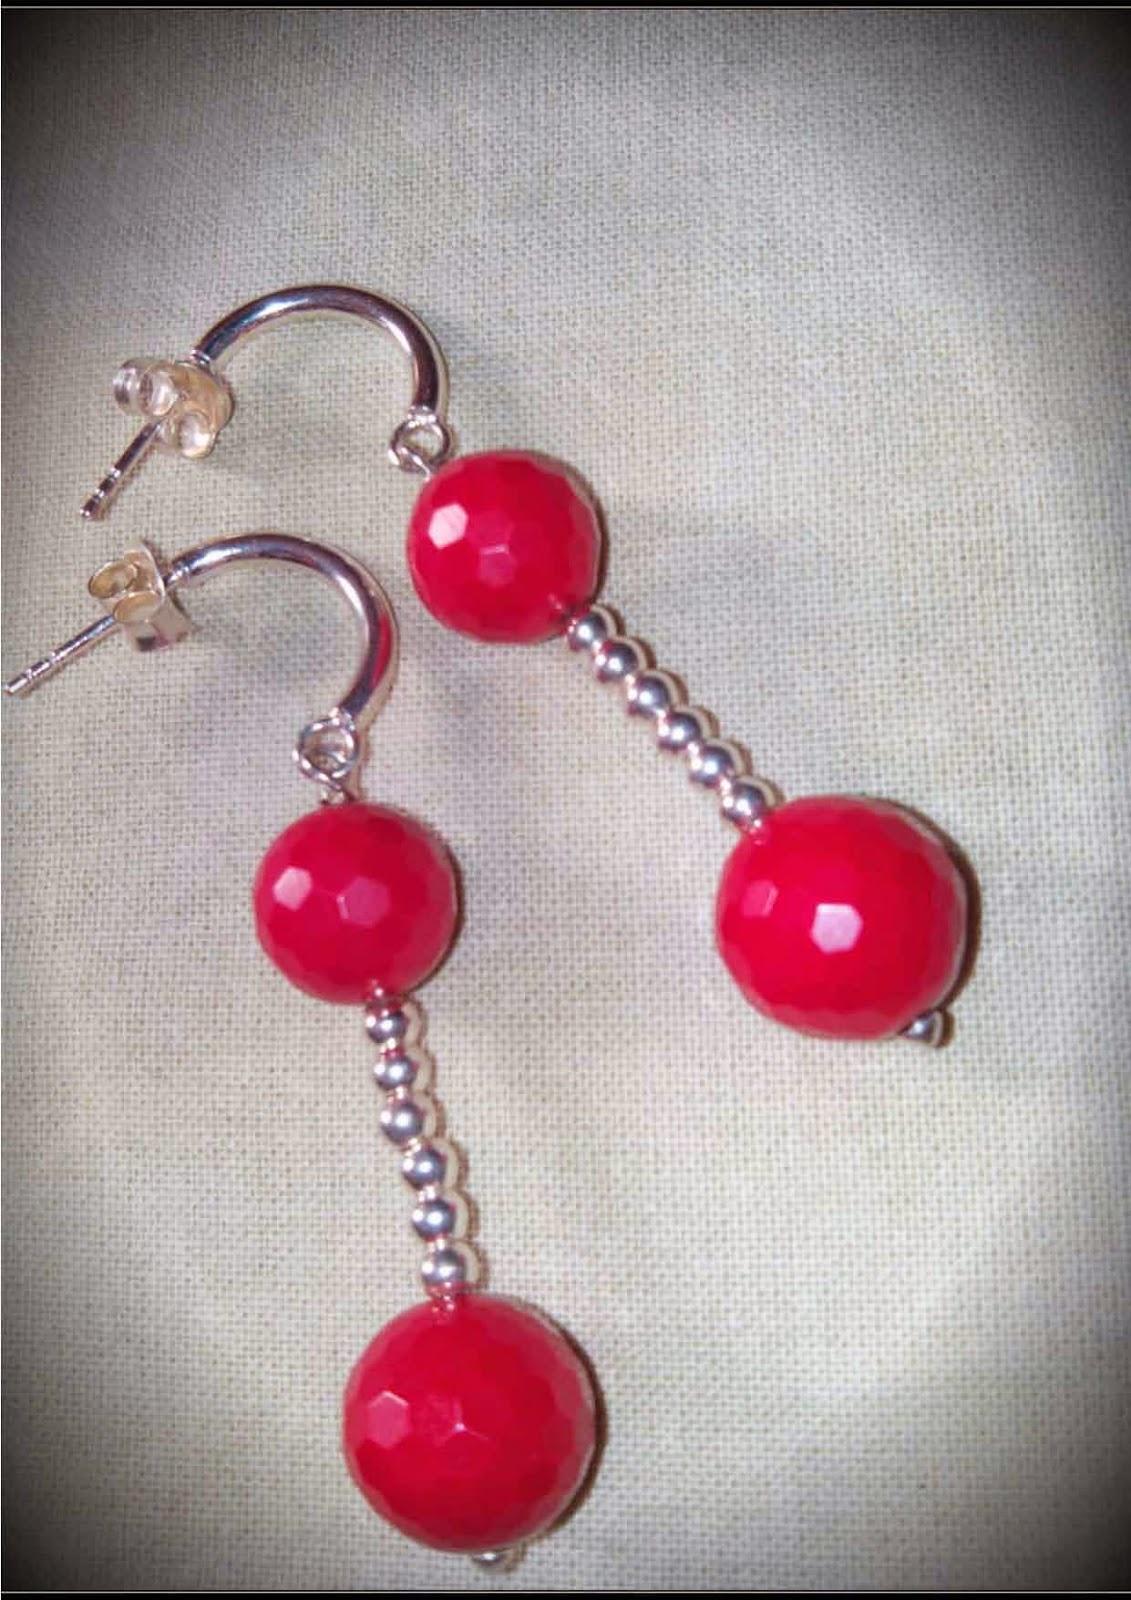 Pendientes plata semipreciosas coral rojo artesanales personalizados. Joyería